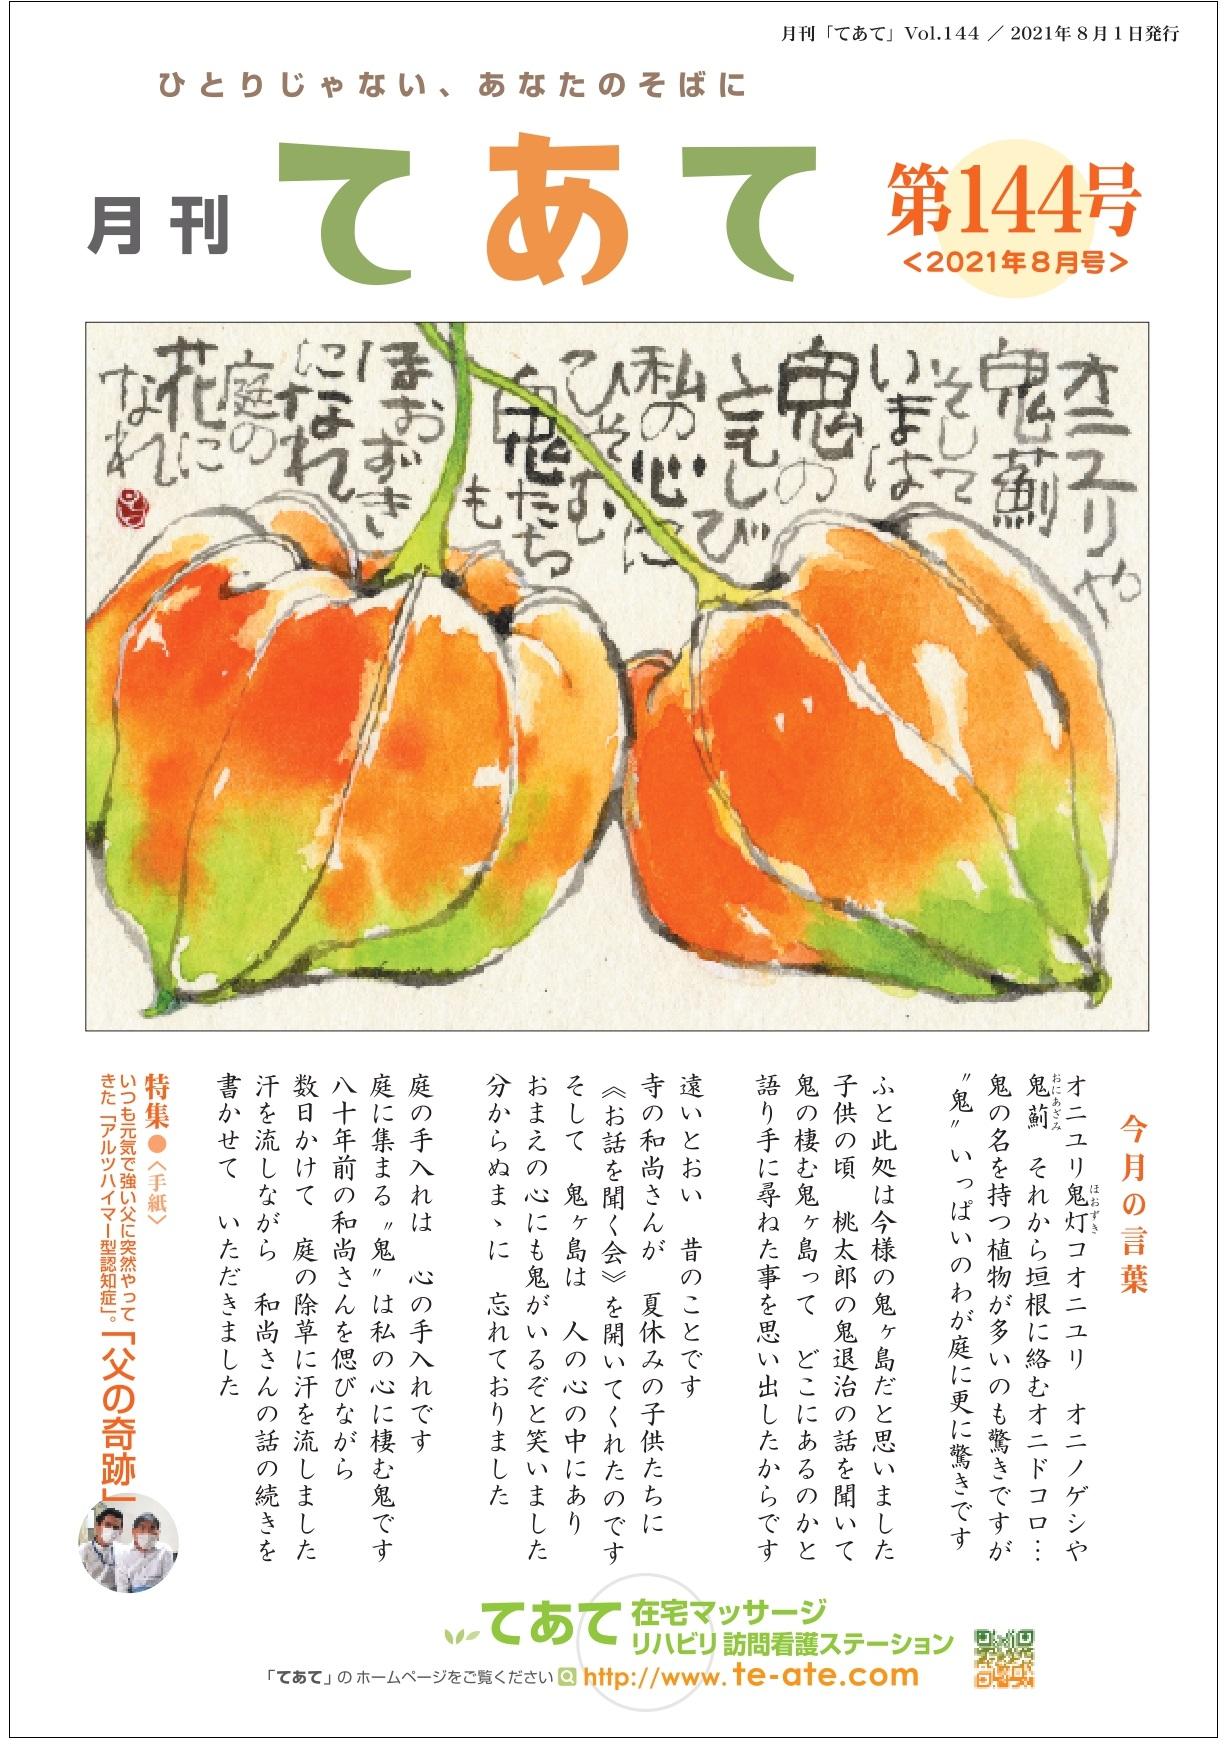 月刊てあて144号